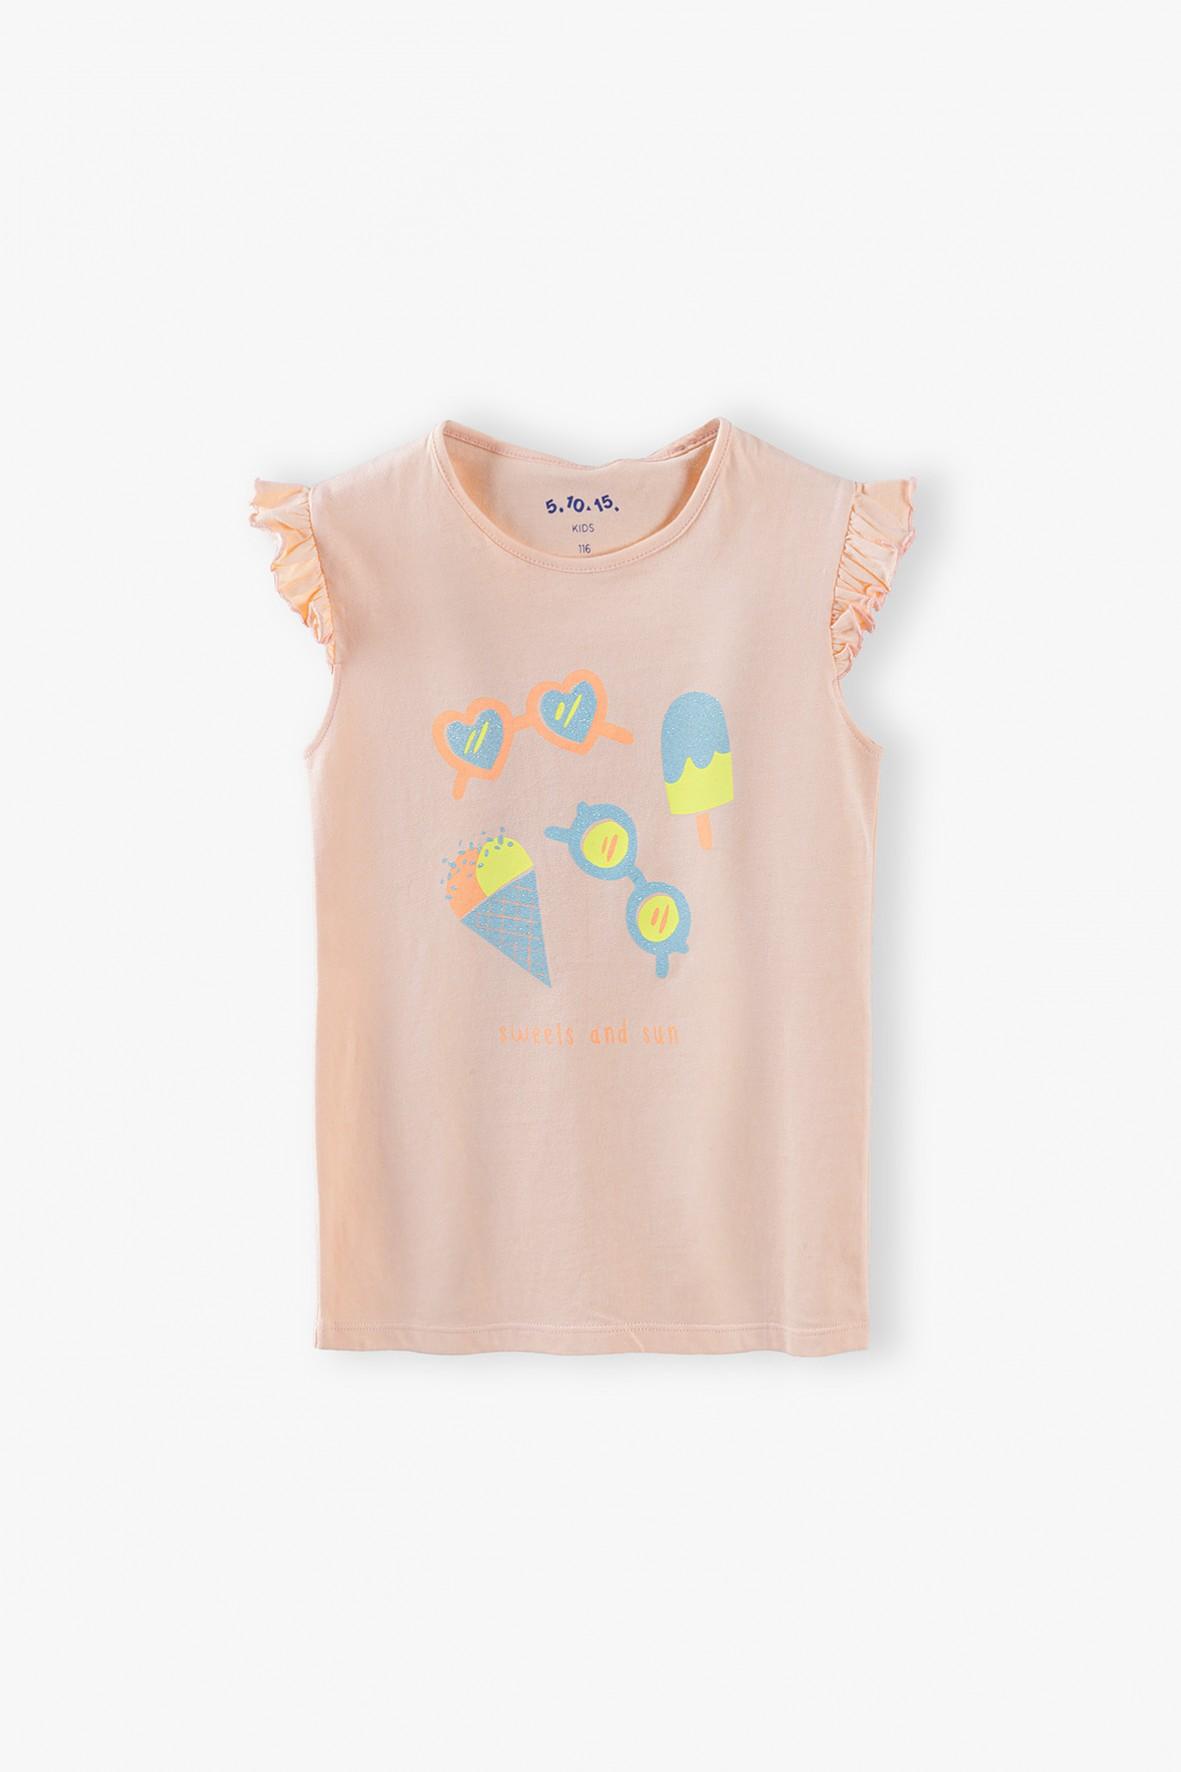 Bluzka dziewczęca z napisem Sweets and Sun